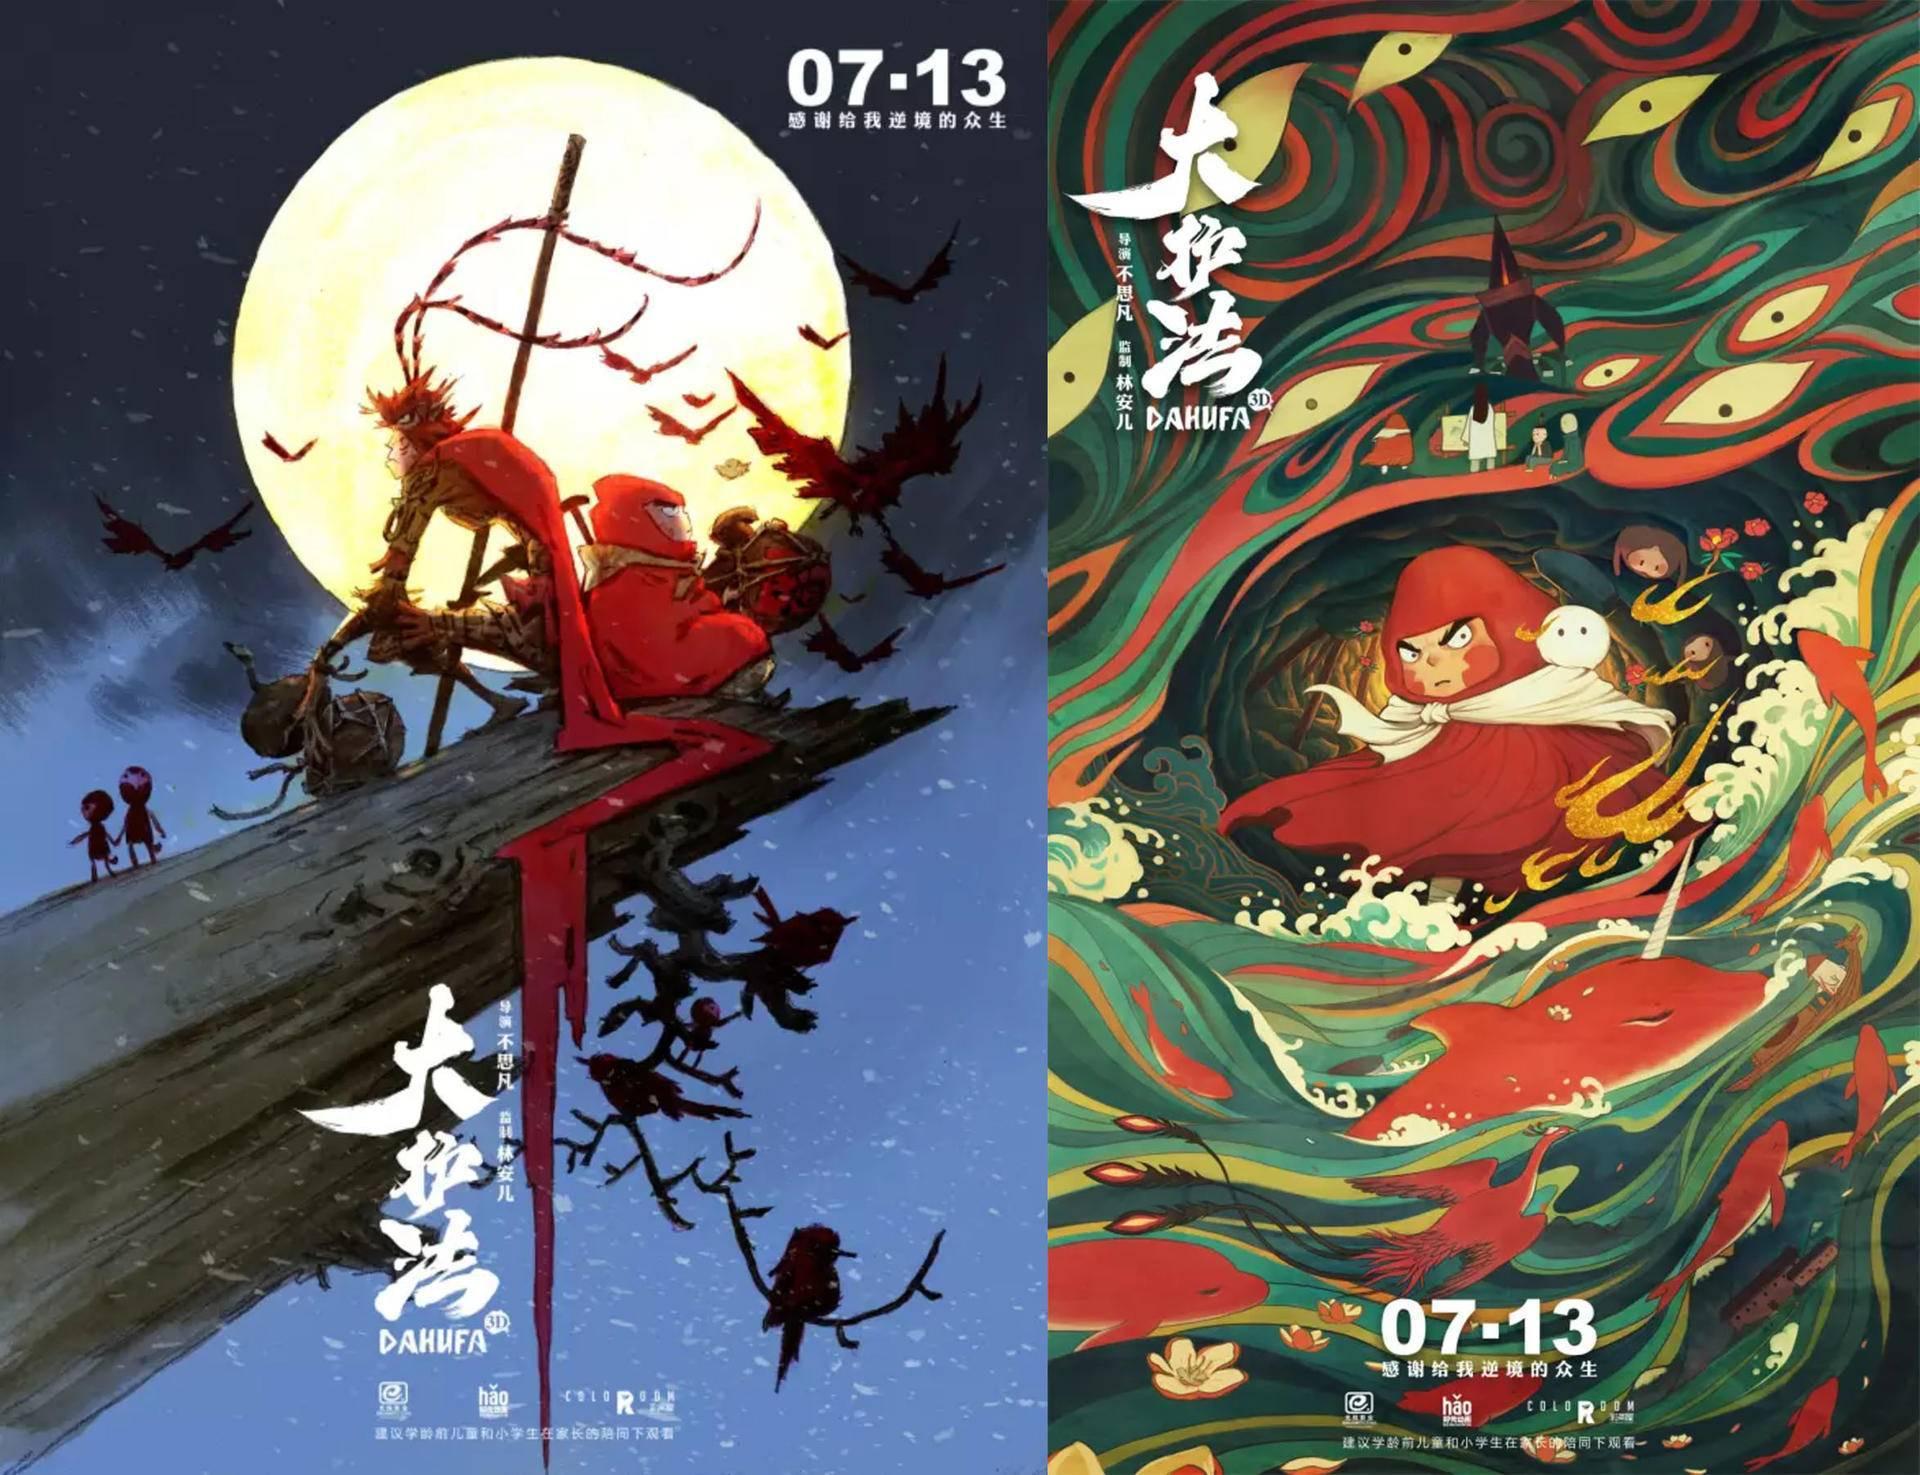 《大圣归来》《大鱼海棠》分别和《大护法》推出了联合海报